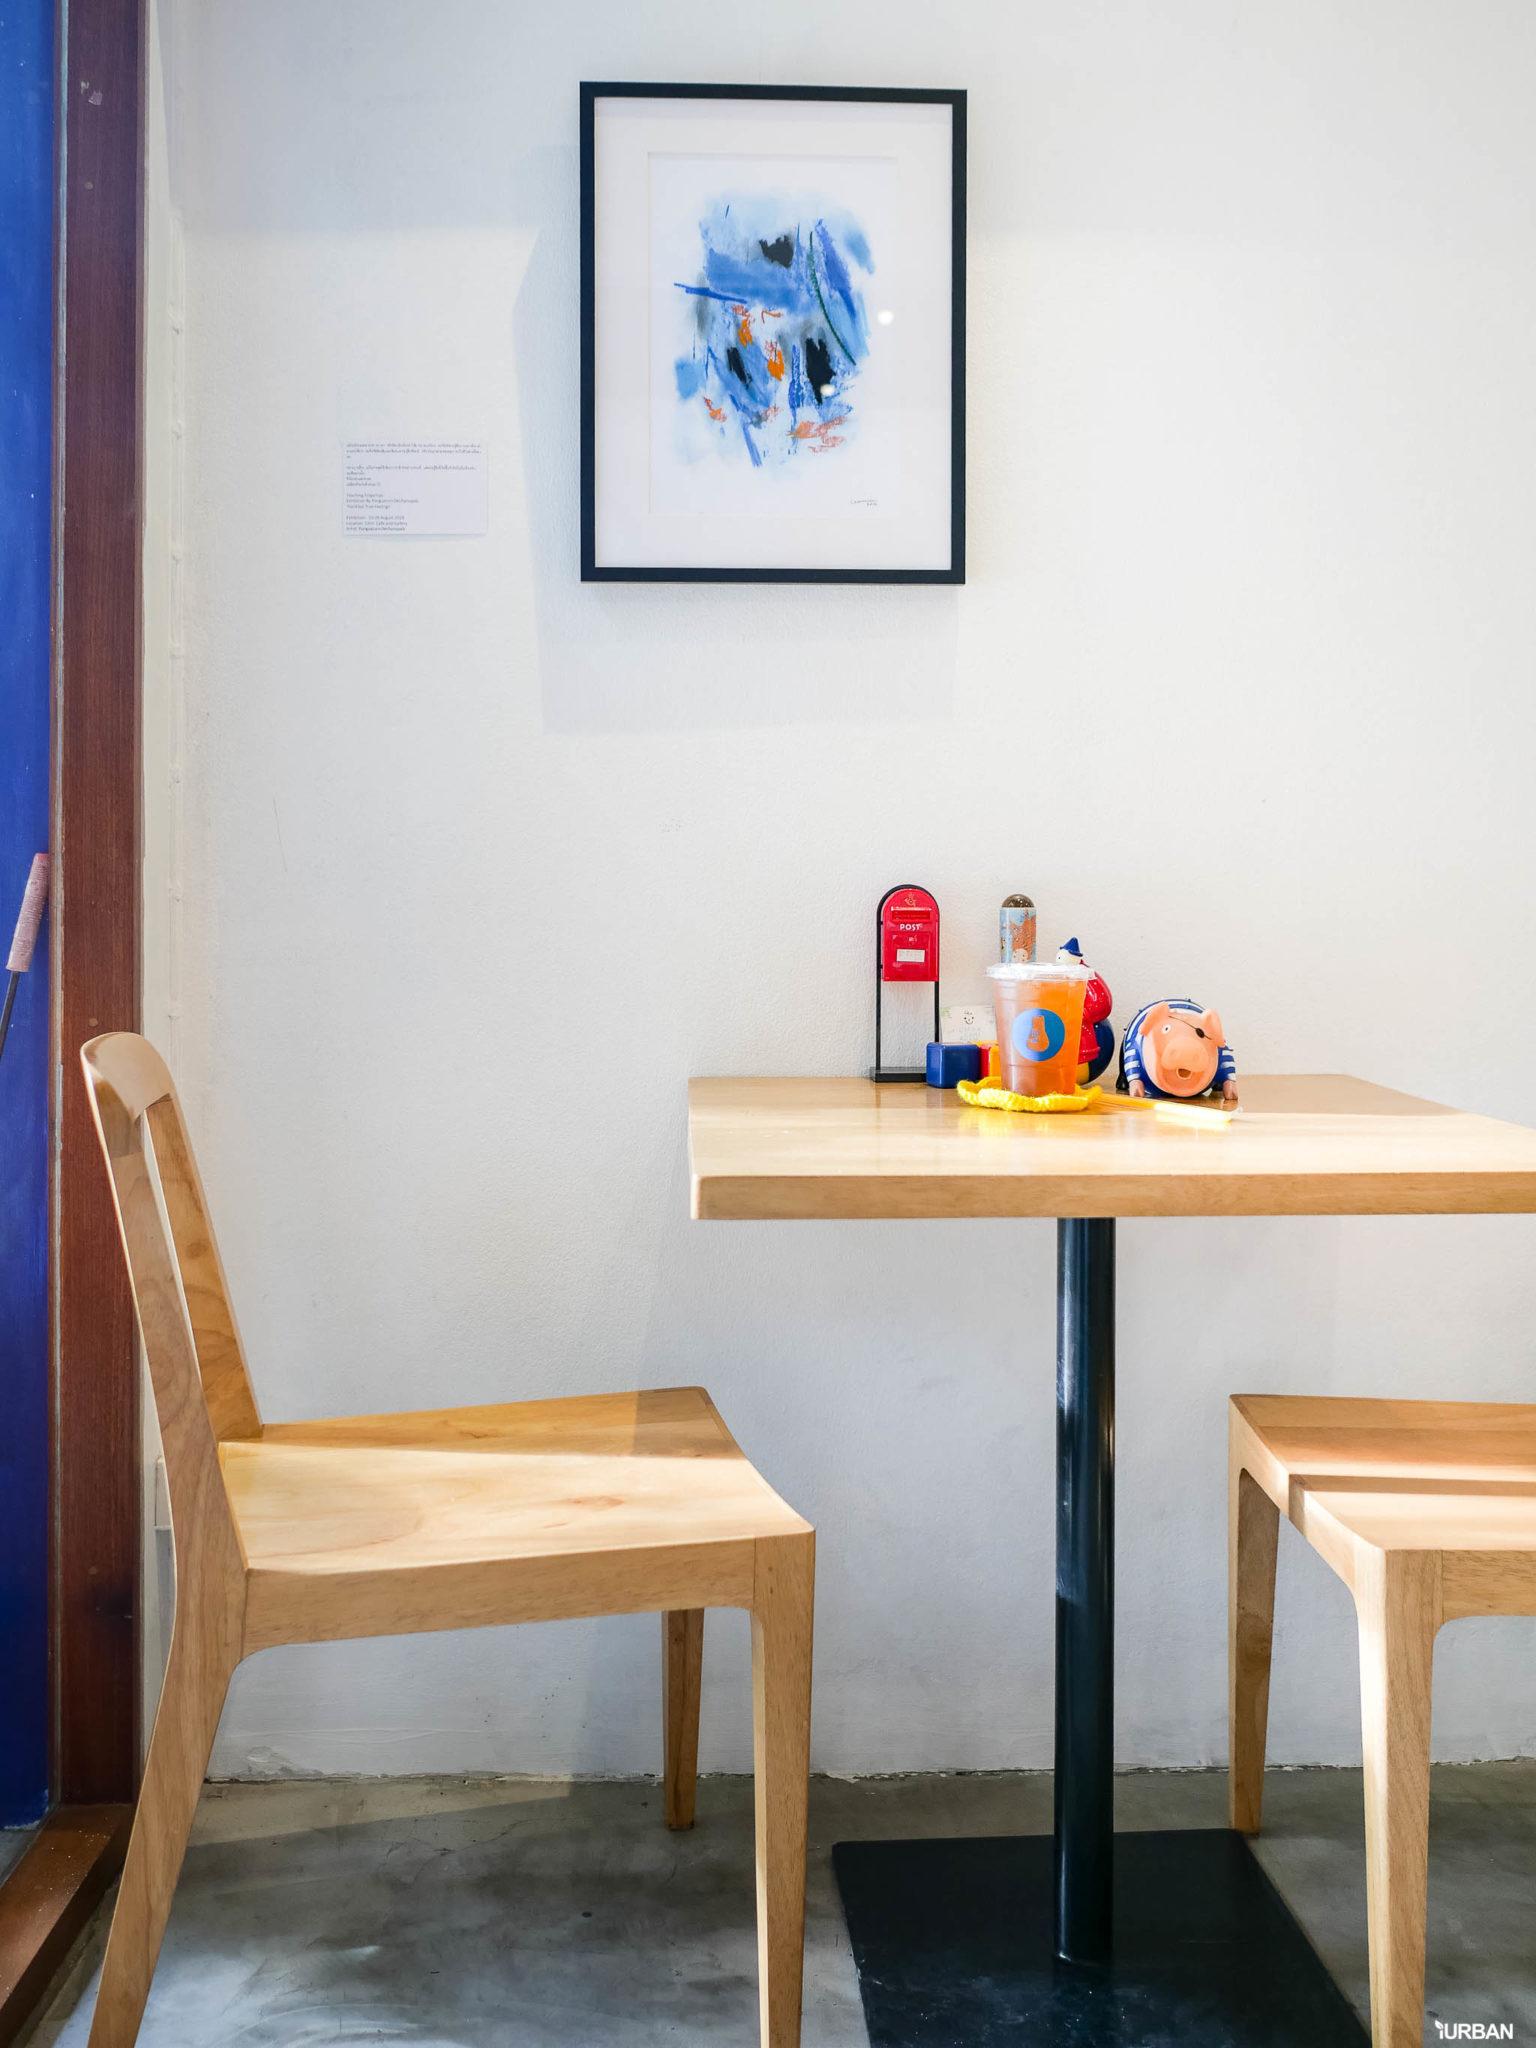 8 คาเฟ่ จตุจักร และร้านกาแฟที่ Unique ดีมีสไตล์น่าสนใจ เหมาะกับไลฟ์สไตล์วันชิลๆ 84 - Premium